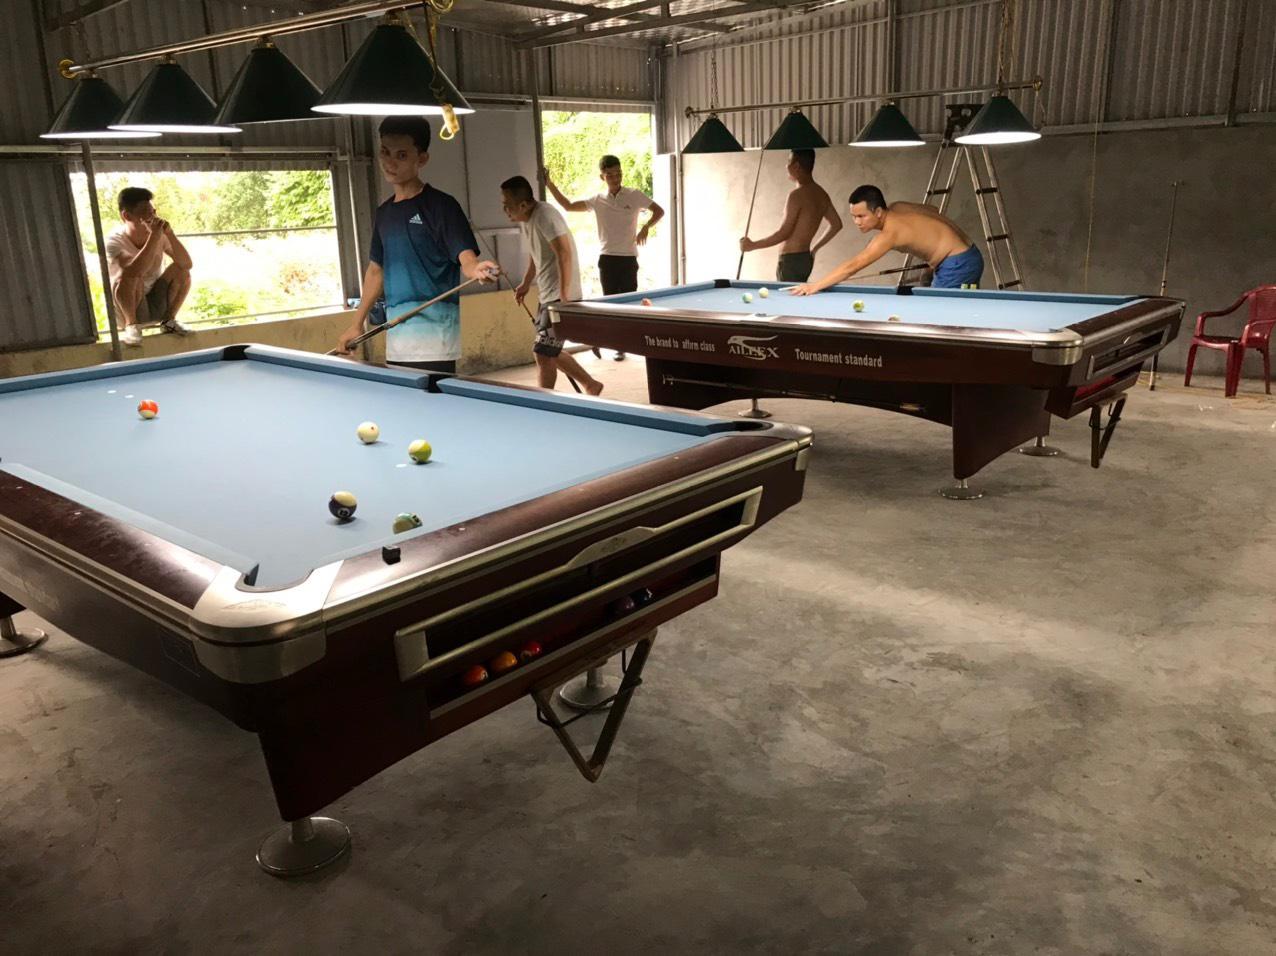 Billiards Hoàn Thúy lắp đặt 2 bàn 9019 nhập lướt tại Nam Trực, Nam Định